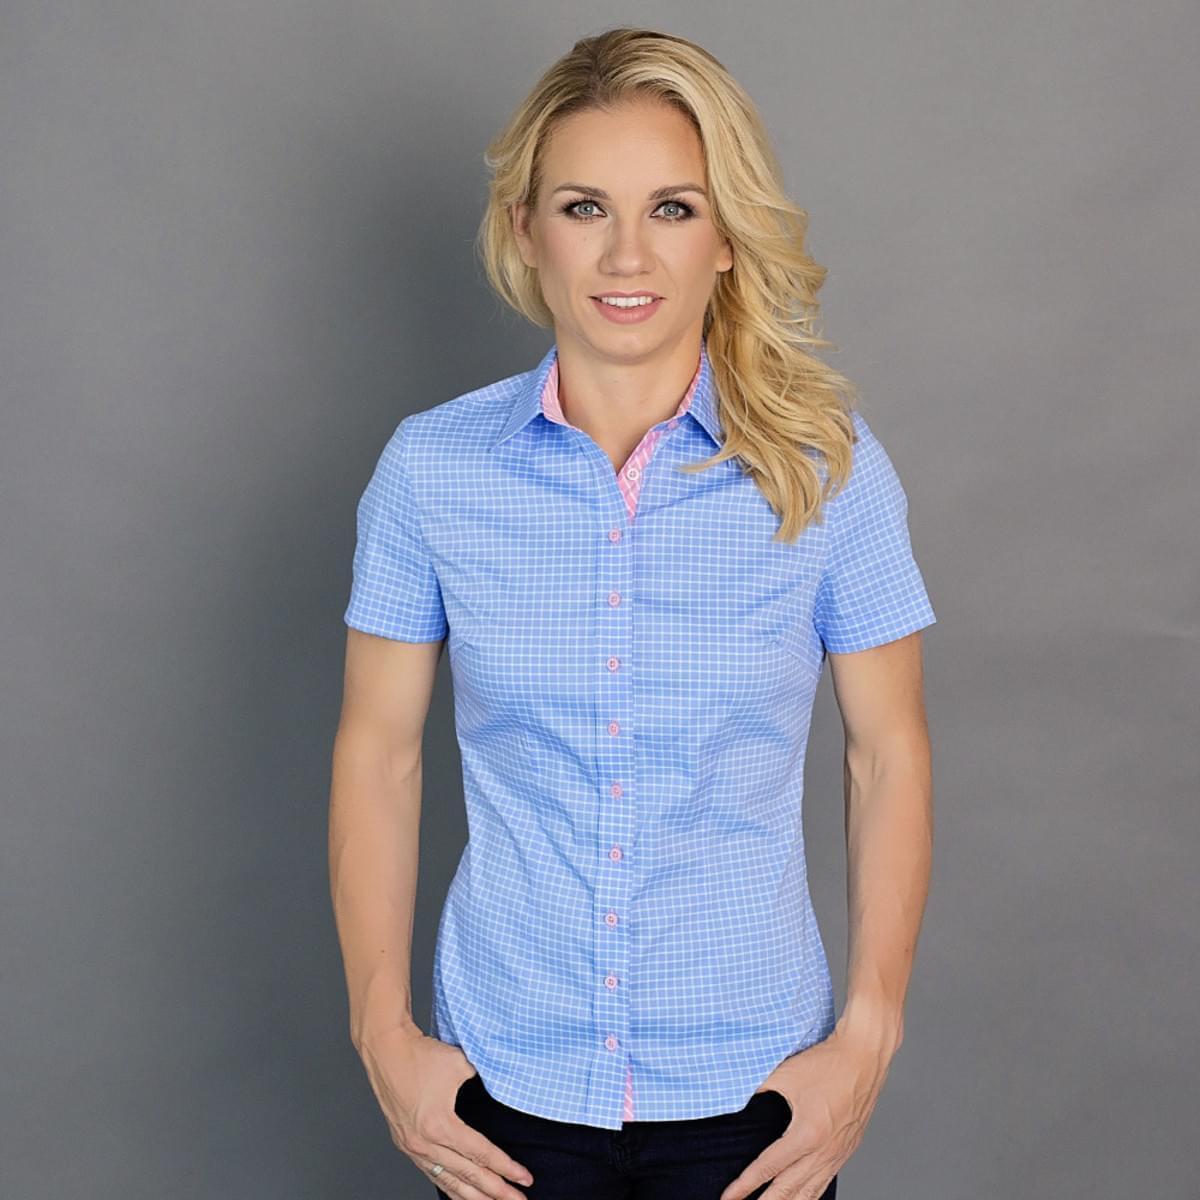 Dámská košile Willsoor 6647 v modré barvě s krátkým rukávem 34